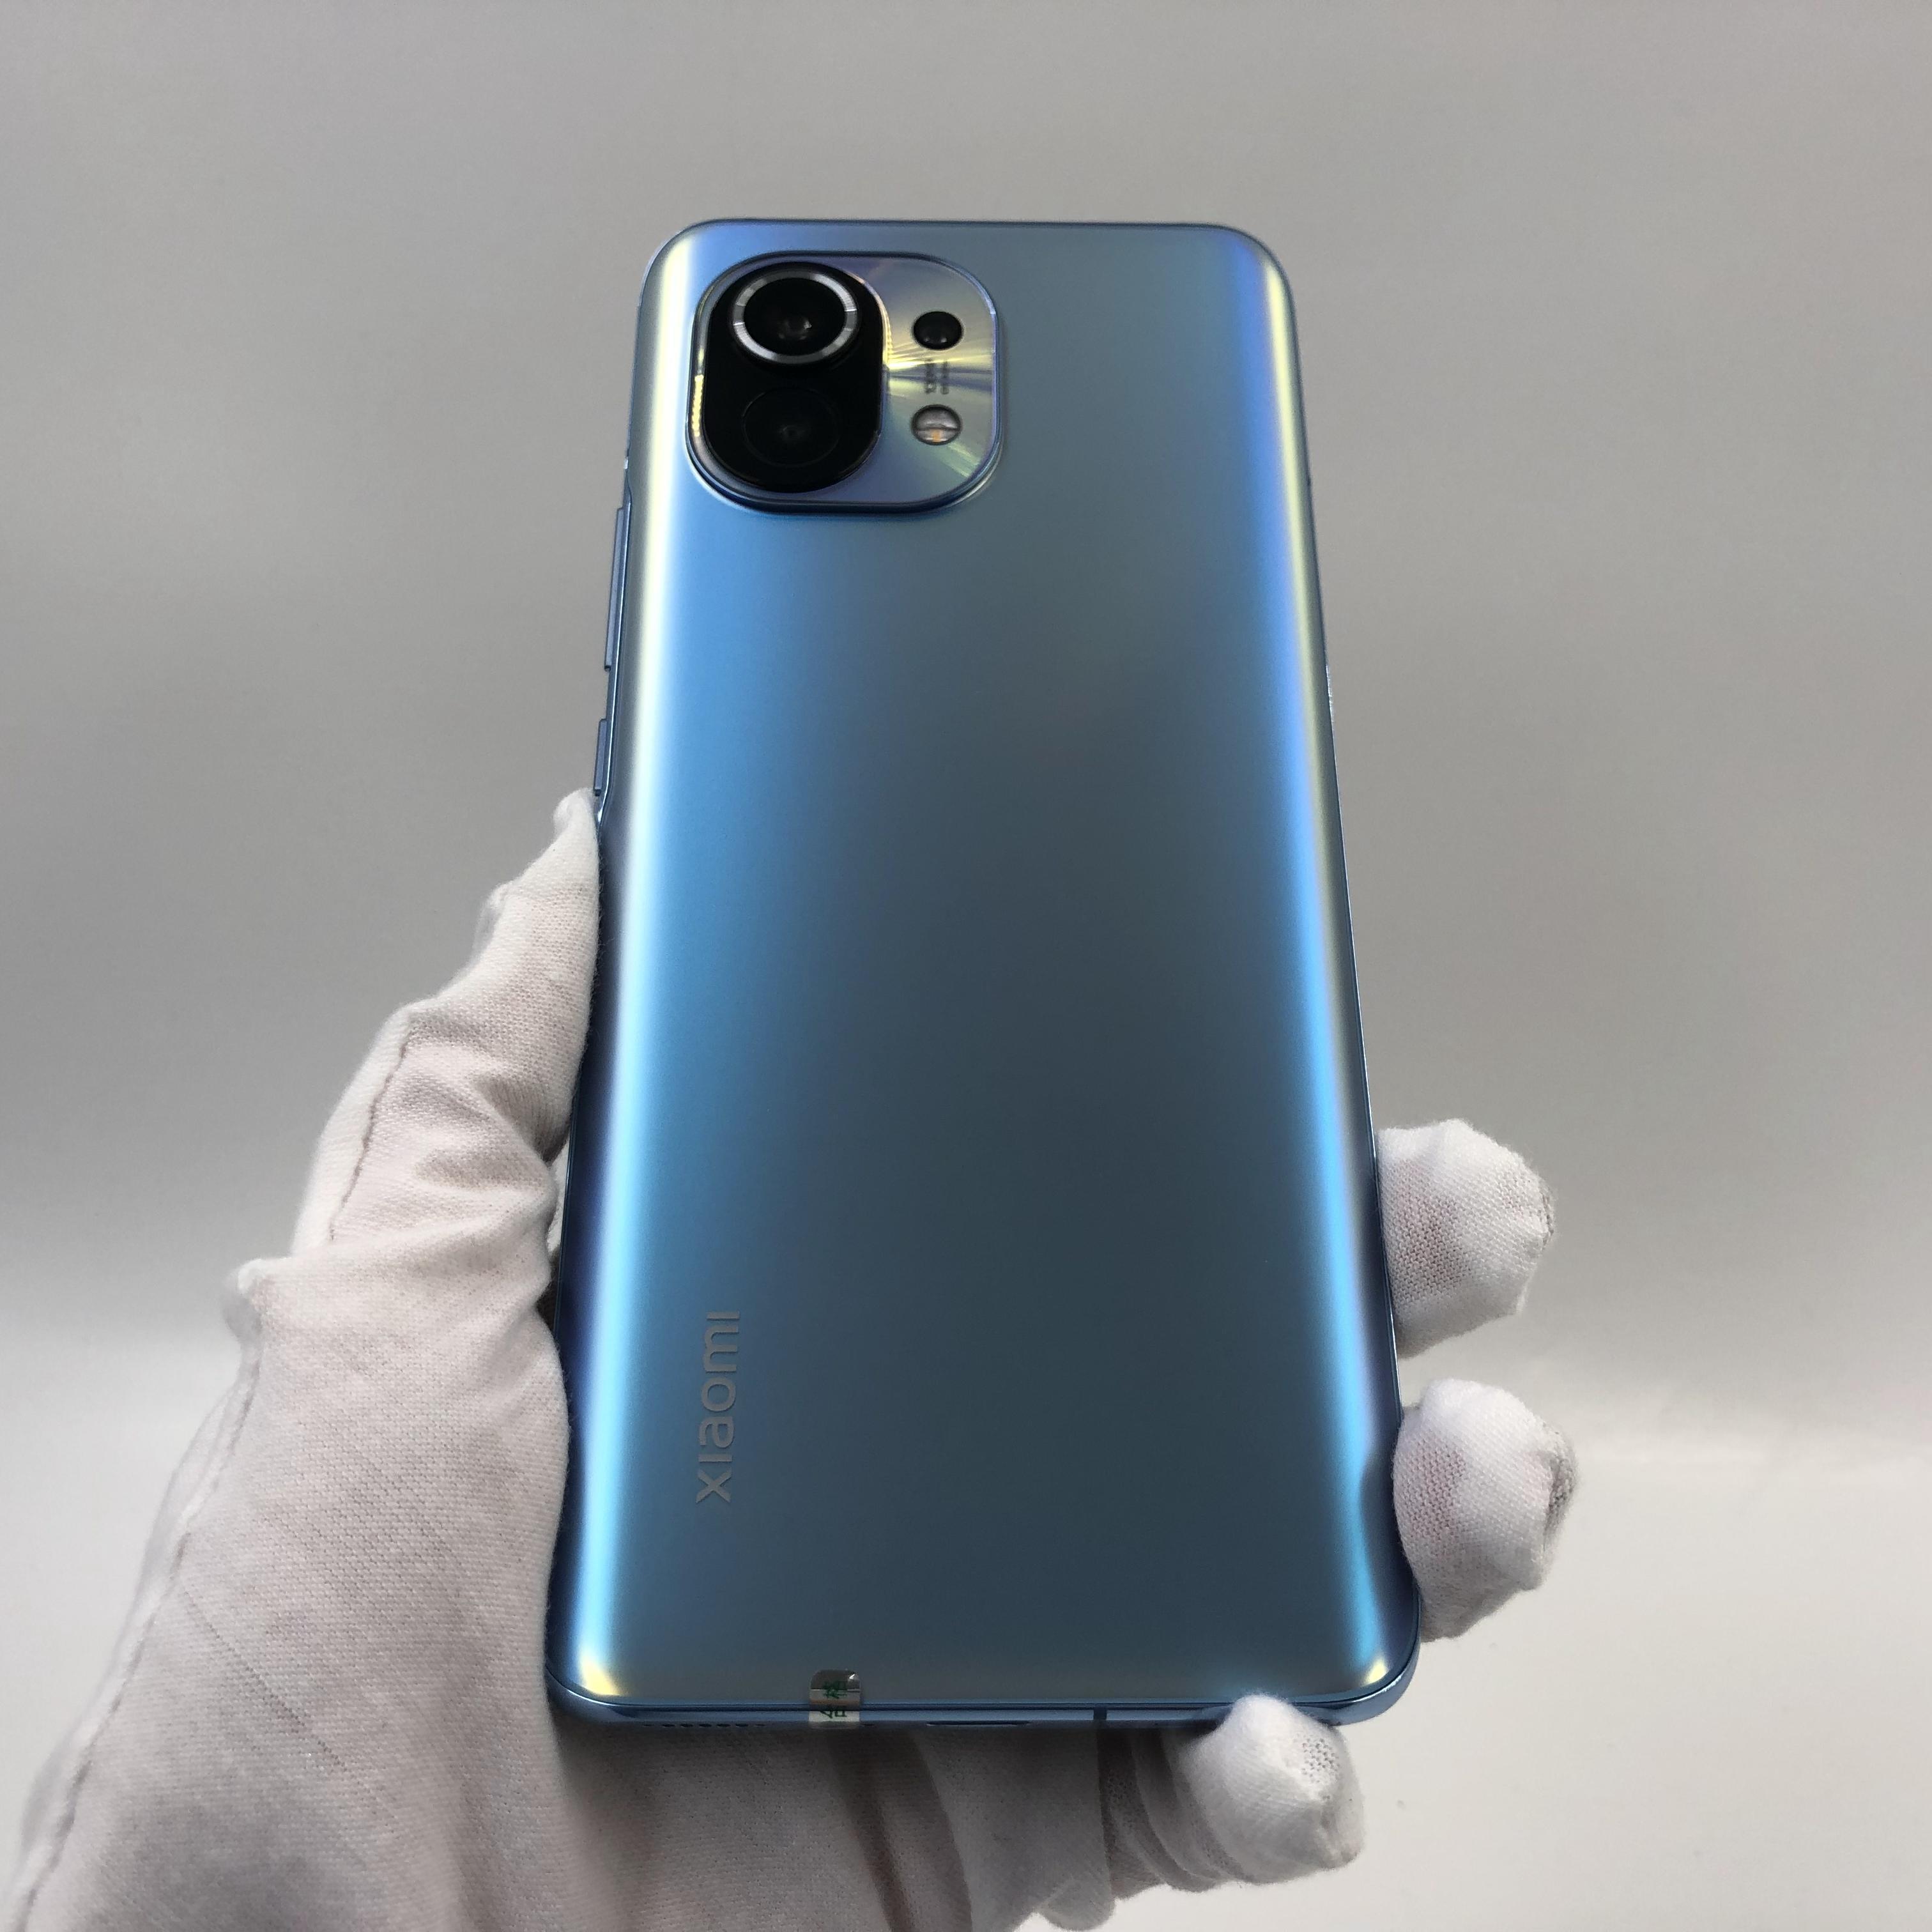 小米【小米11 5G】5G全网通 蓝色 8G/128G 国行 9成新 真机实拍